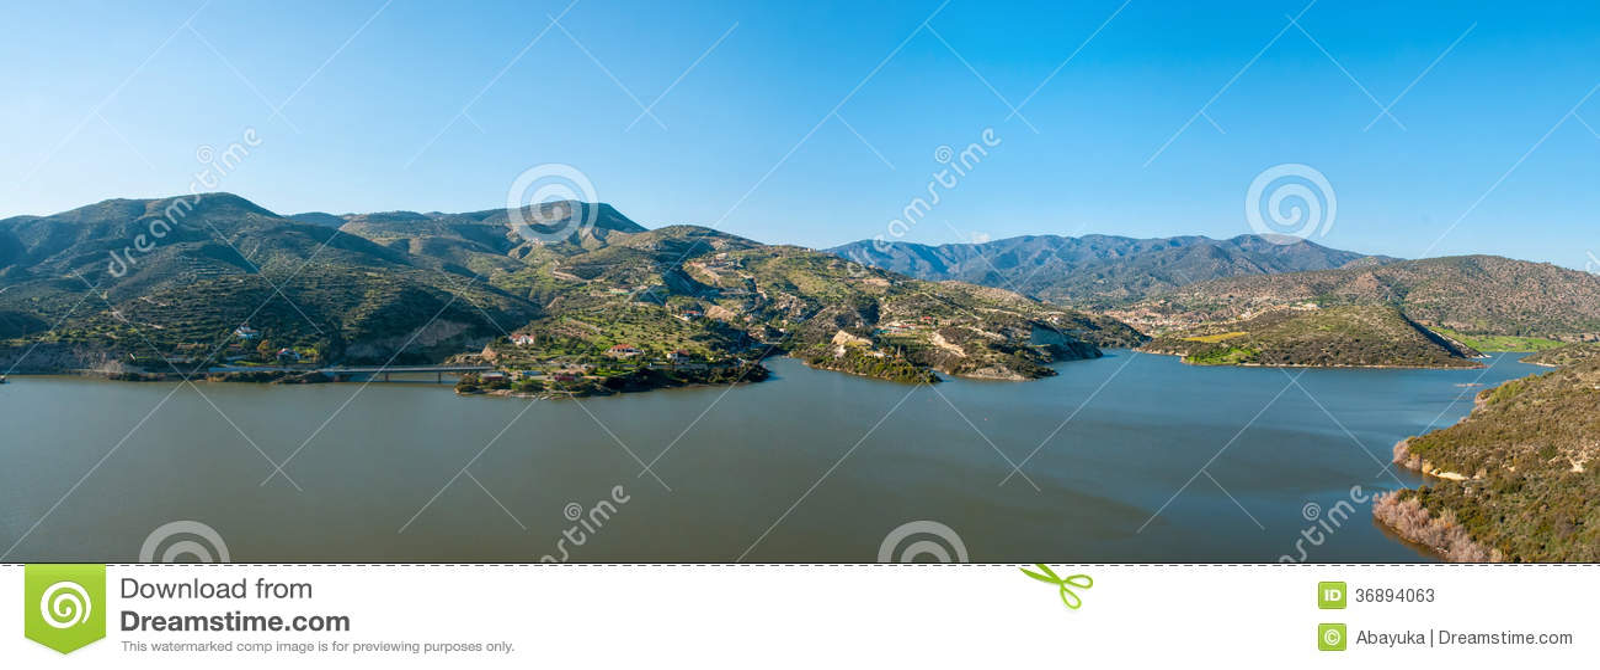 Download Panorama di Lakeside immagine stock. Immagine di angolo - 36894063